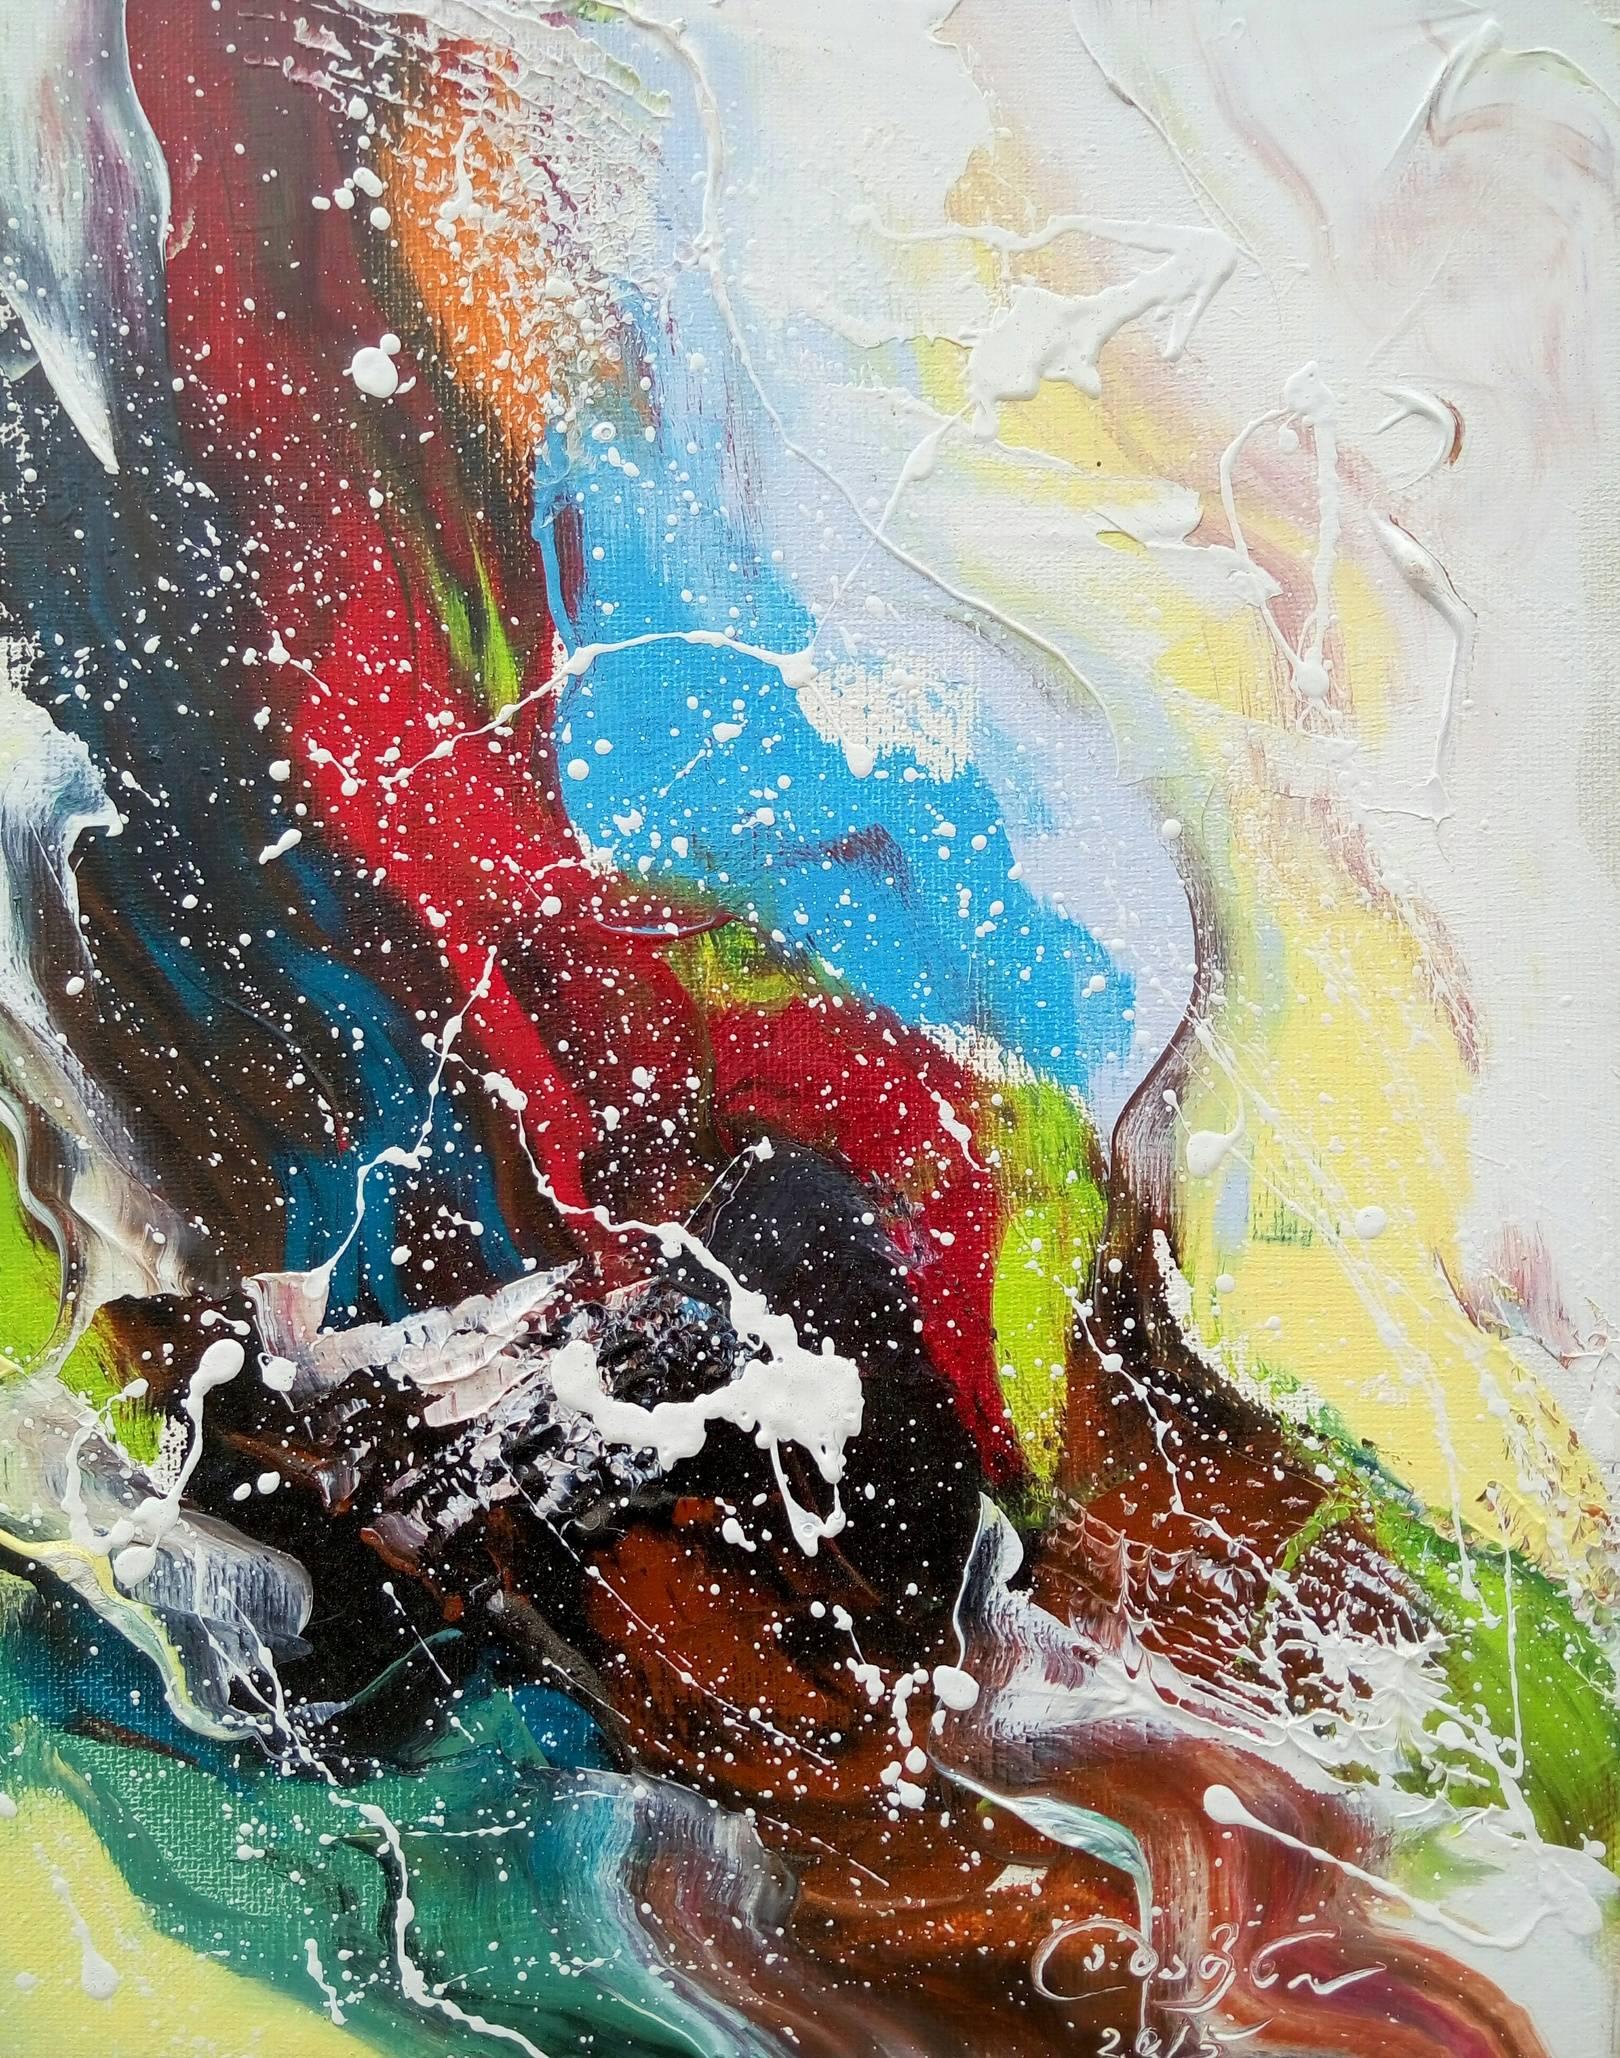 «Девушка у ручья»           холст, масло «The girl near a stream»    oil on canvas                                                 30x24,   2014